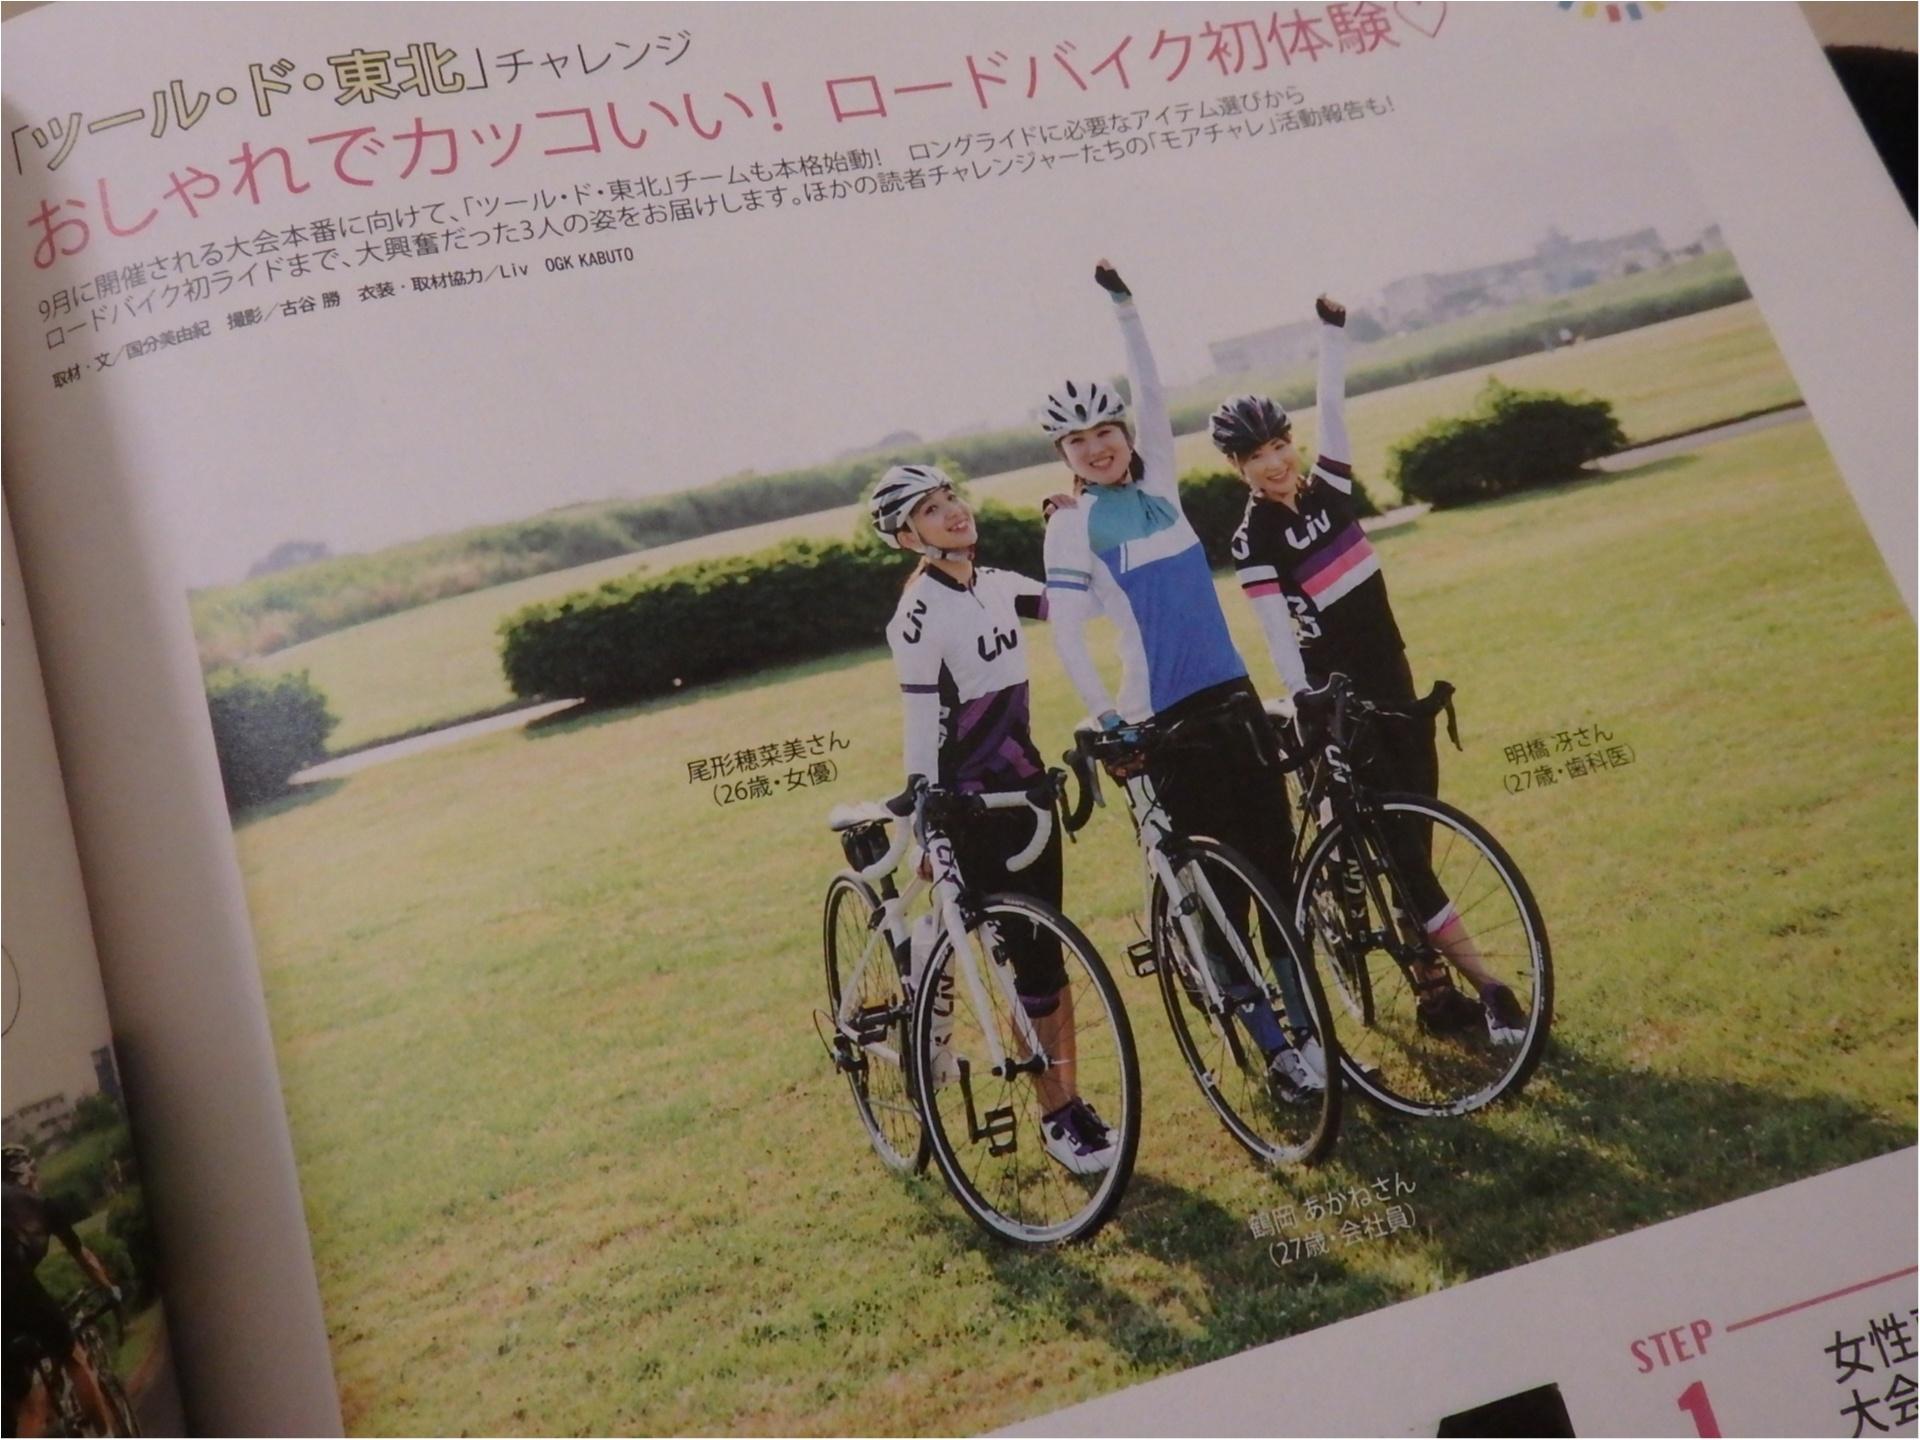 東京が小さく感じられる!ロードバイクならすいすい♪練習のお楽しみは築地で海鮮♥ #ツール・ド・東北【#モアチャレ あかね】_2